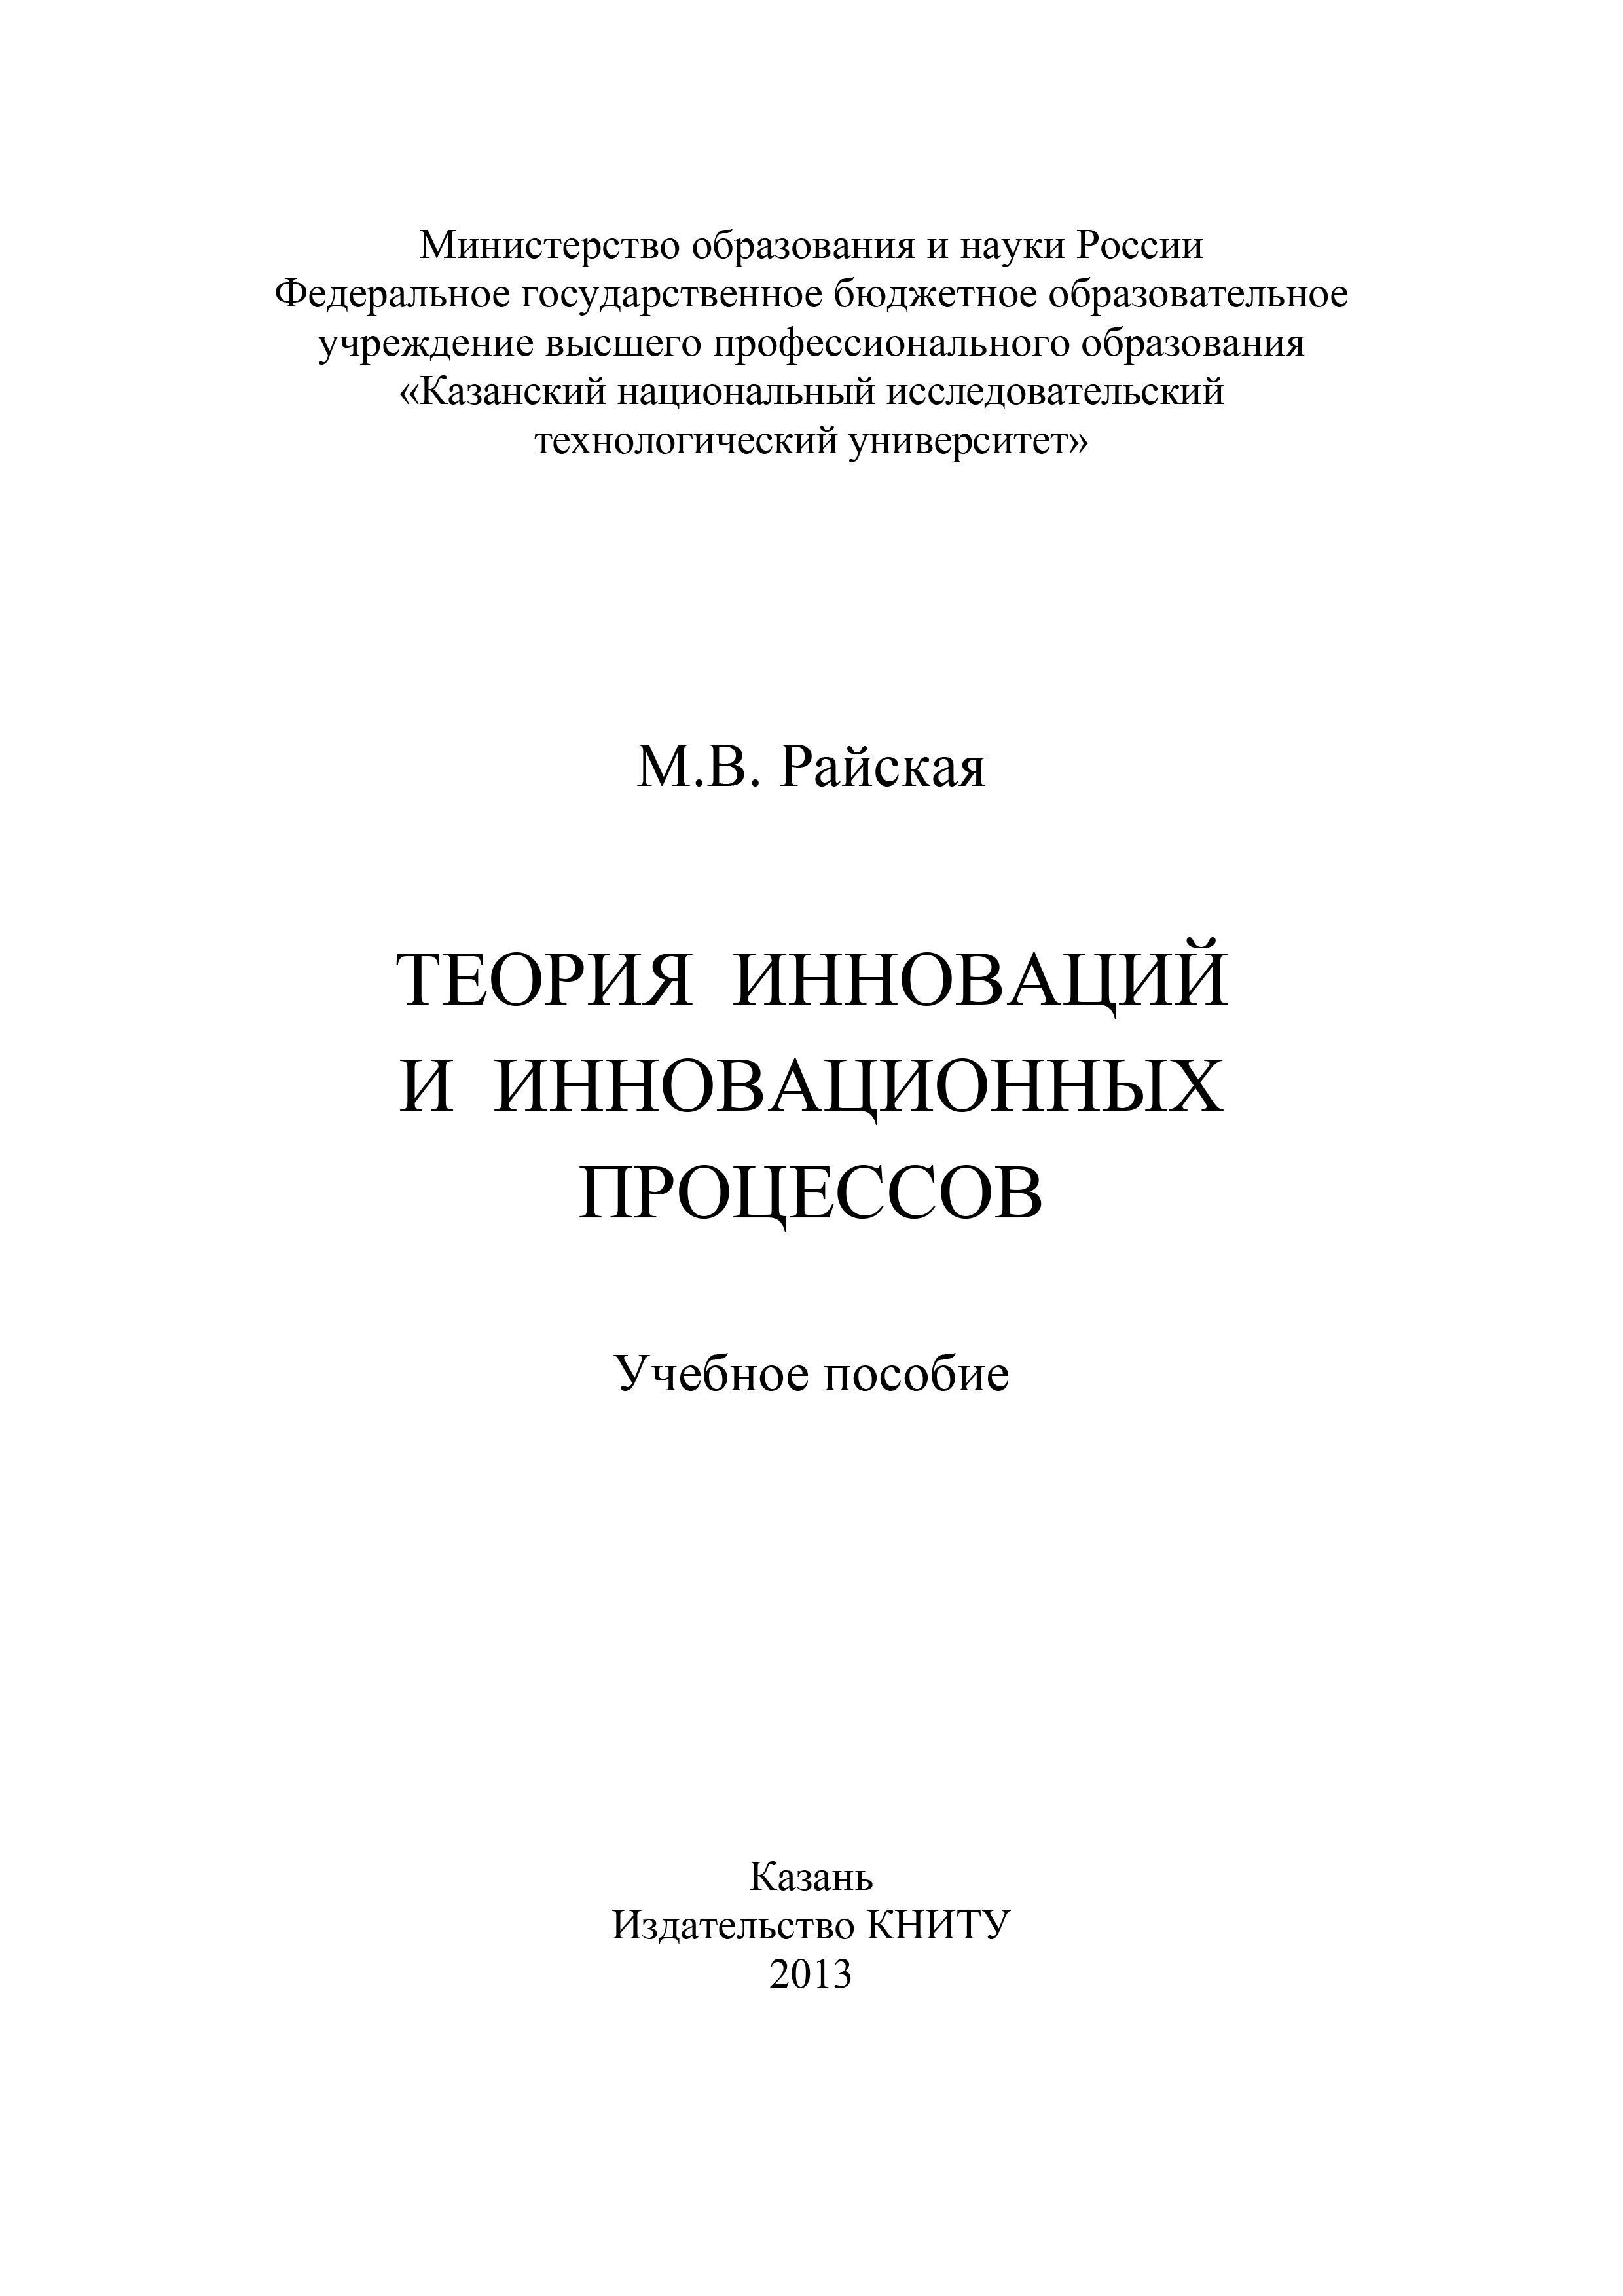 М. В. Райская Теория инноваций и инновационных процессов